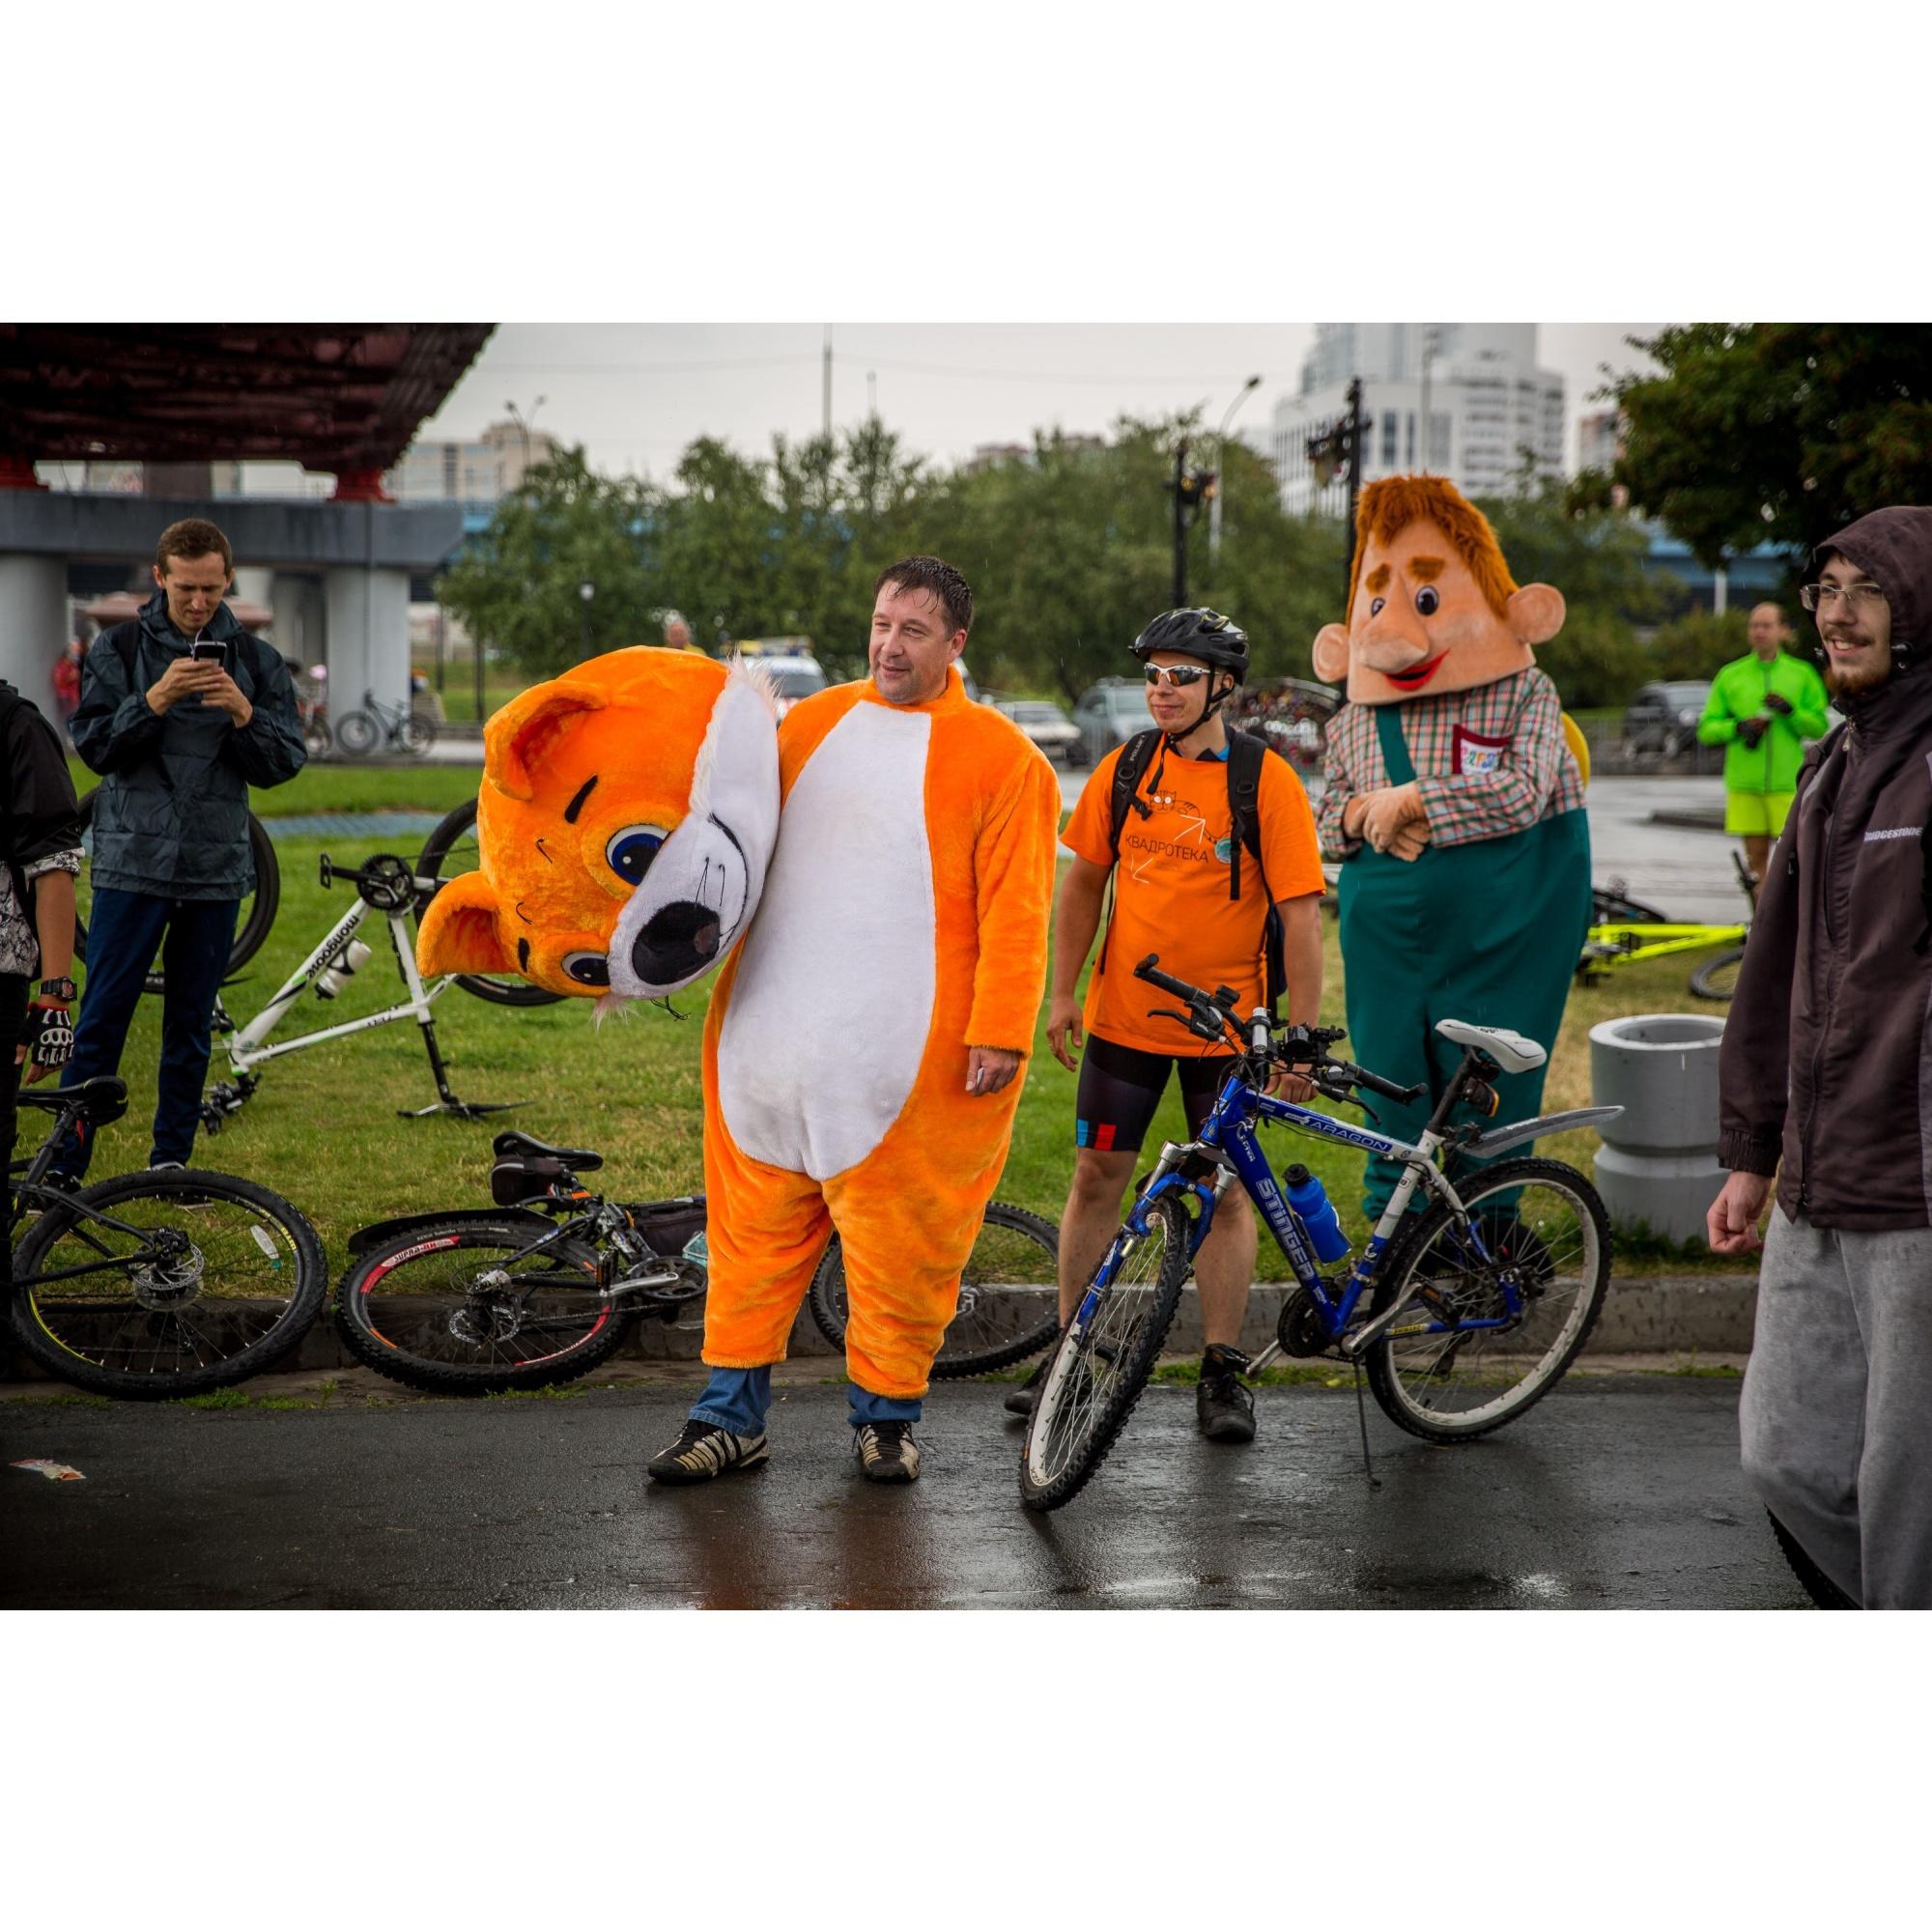 Погода скорректировала планы велосипедистов, и, вероятно, в солнечный день участников было бы больше